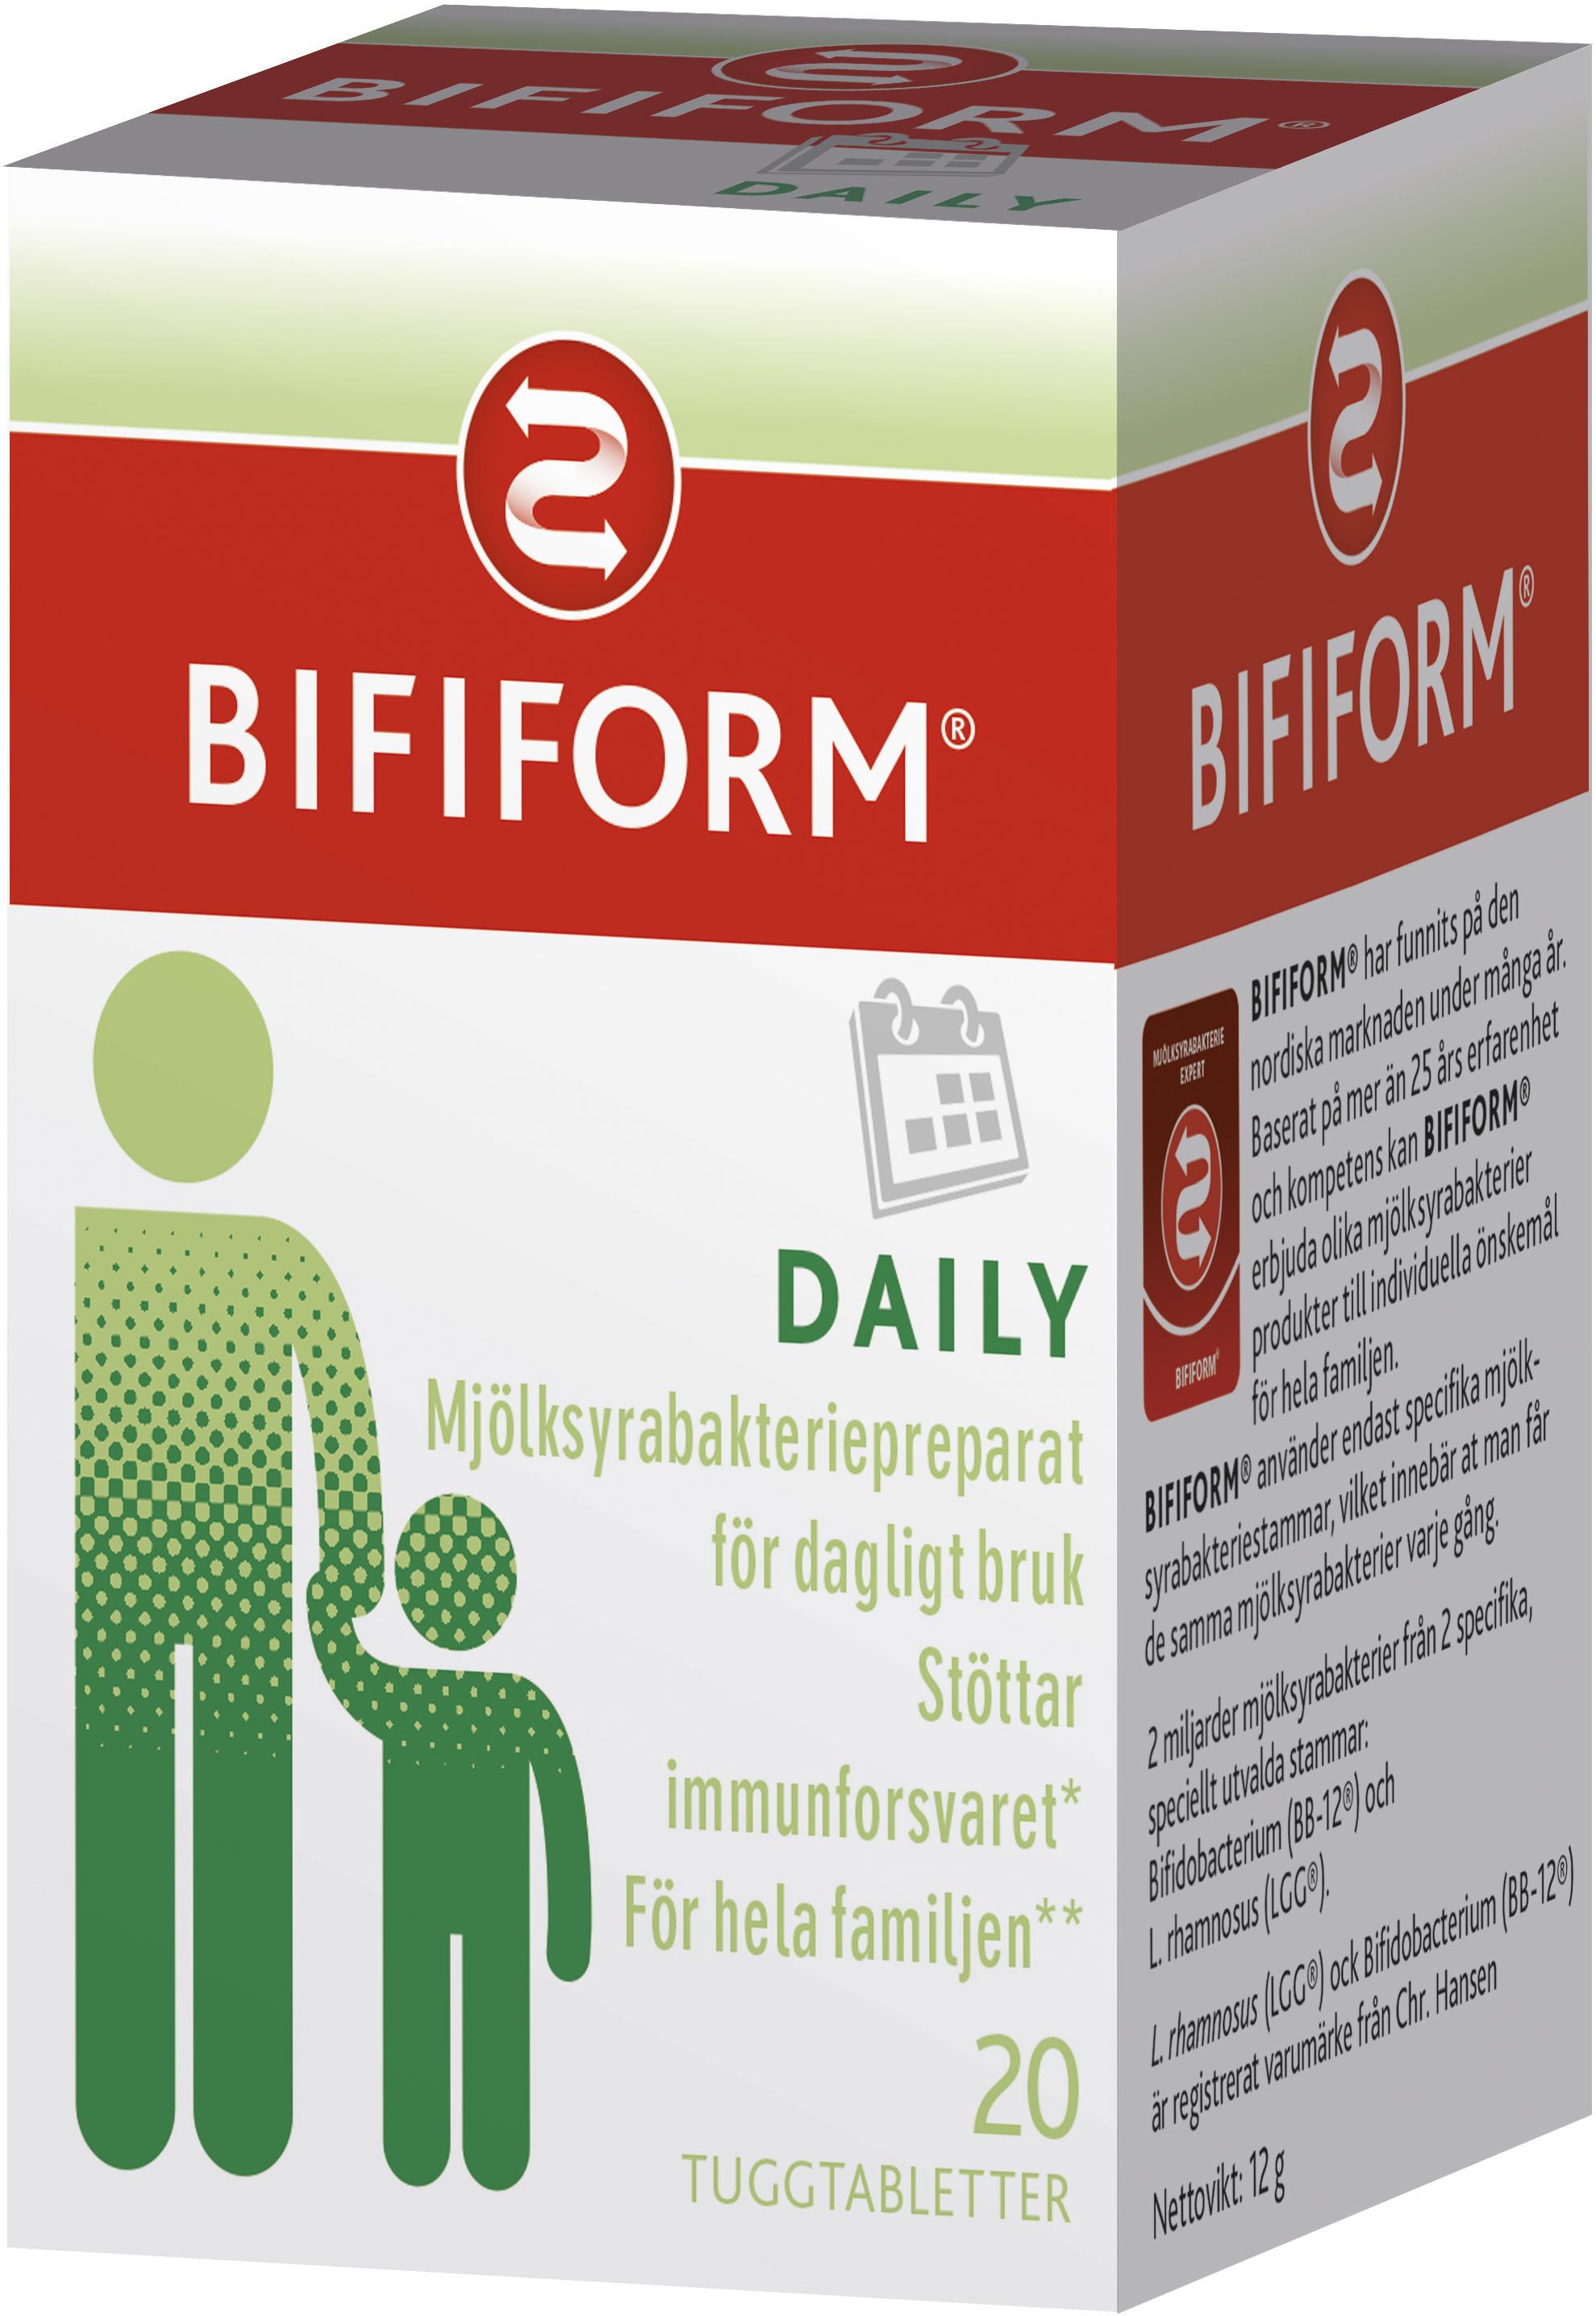 bifiform balance apoteket